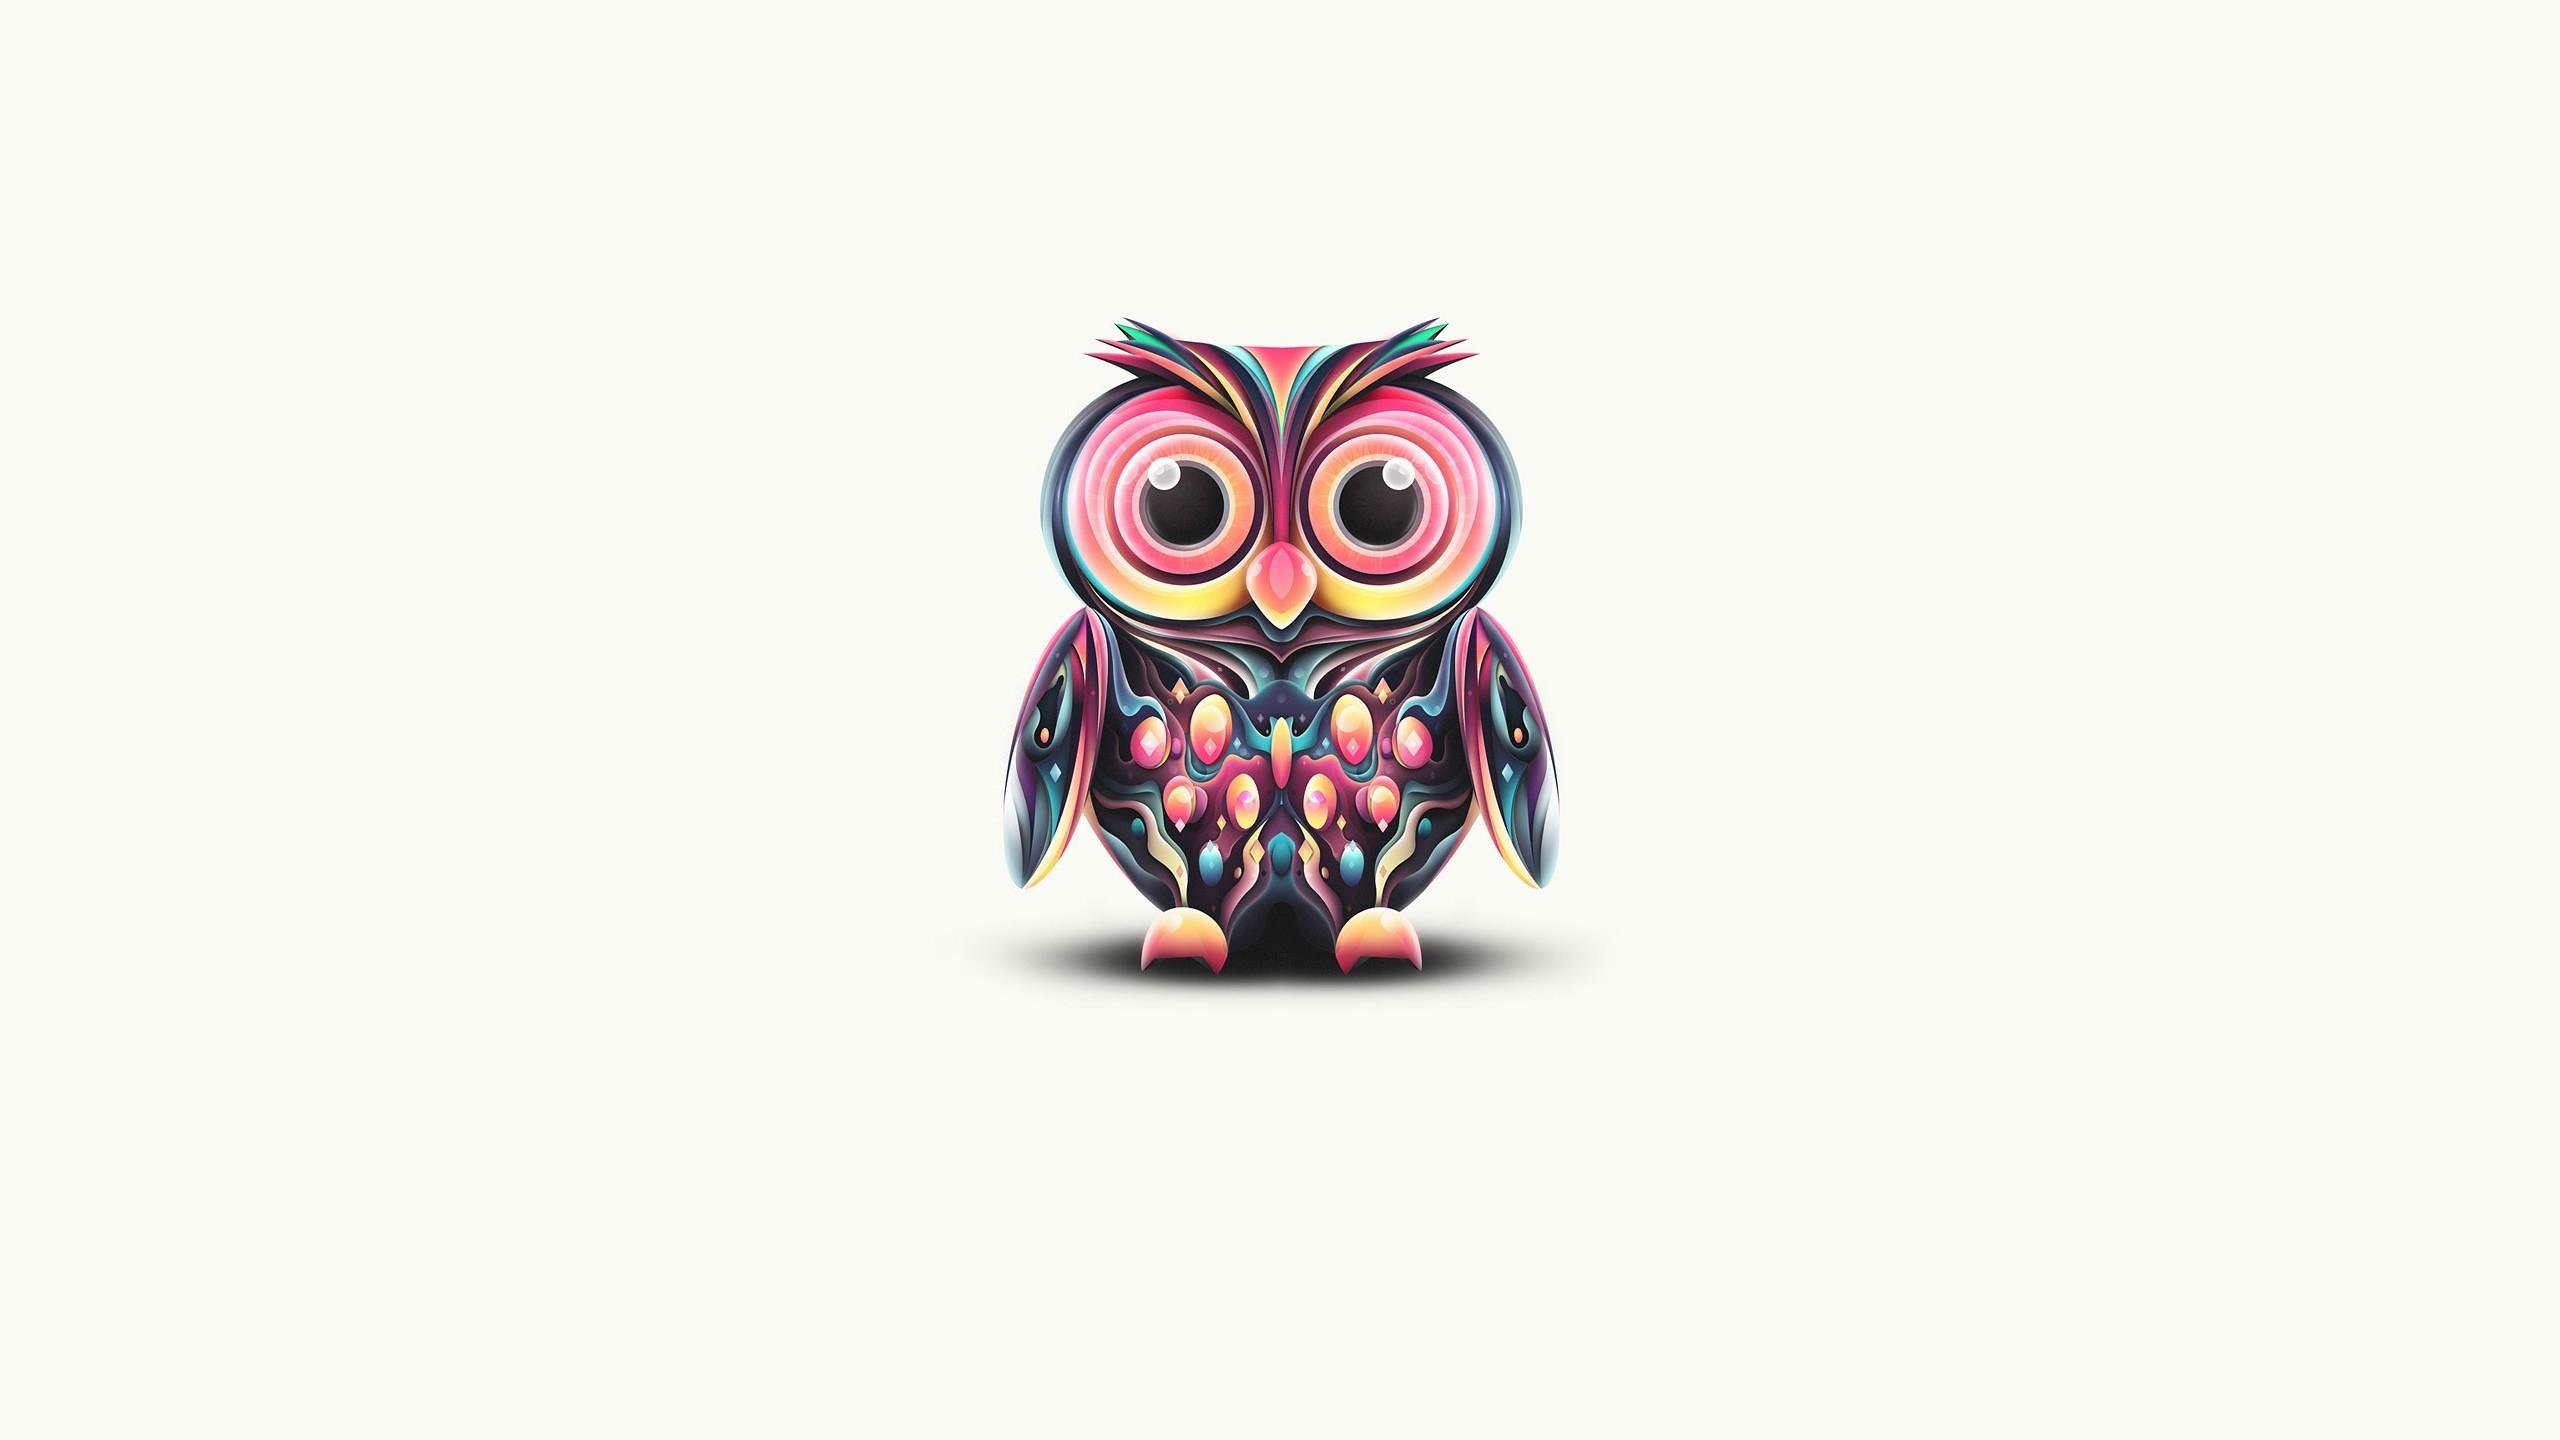 foto de Fondos de pantalla : búho, dibujo, pájaro, plumas 2560x1440 ...